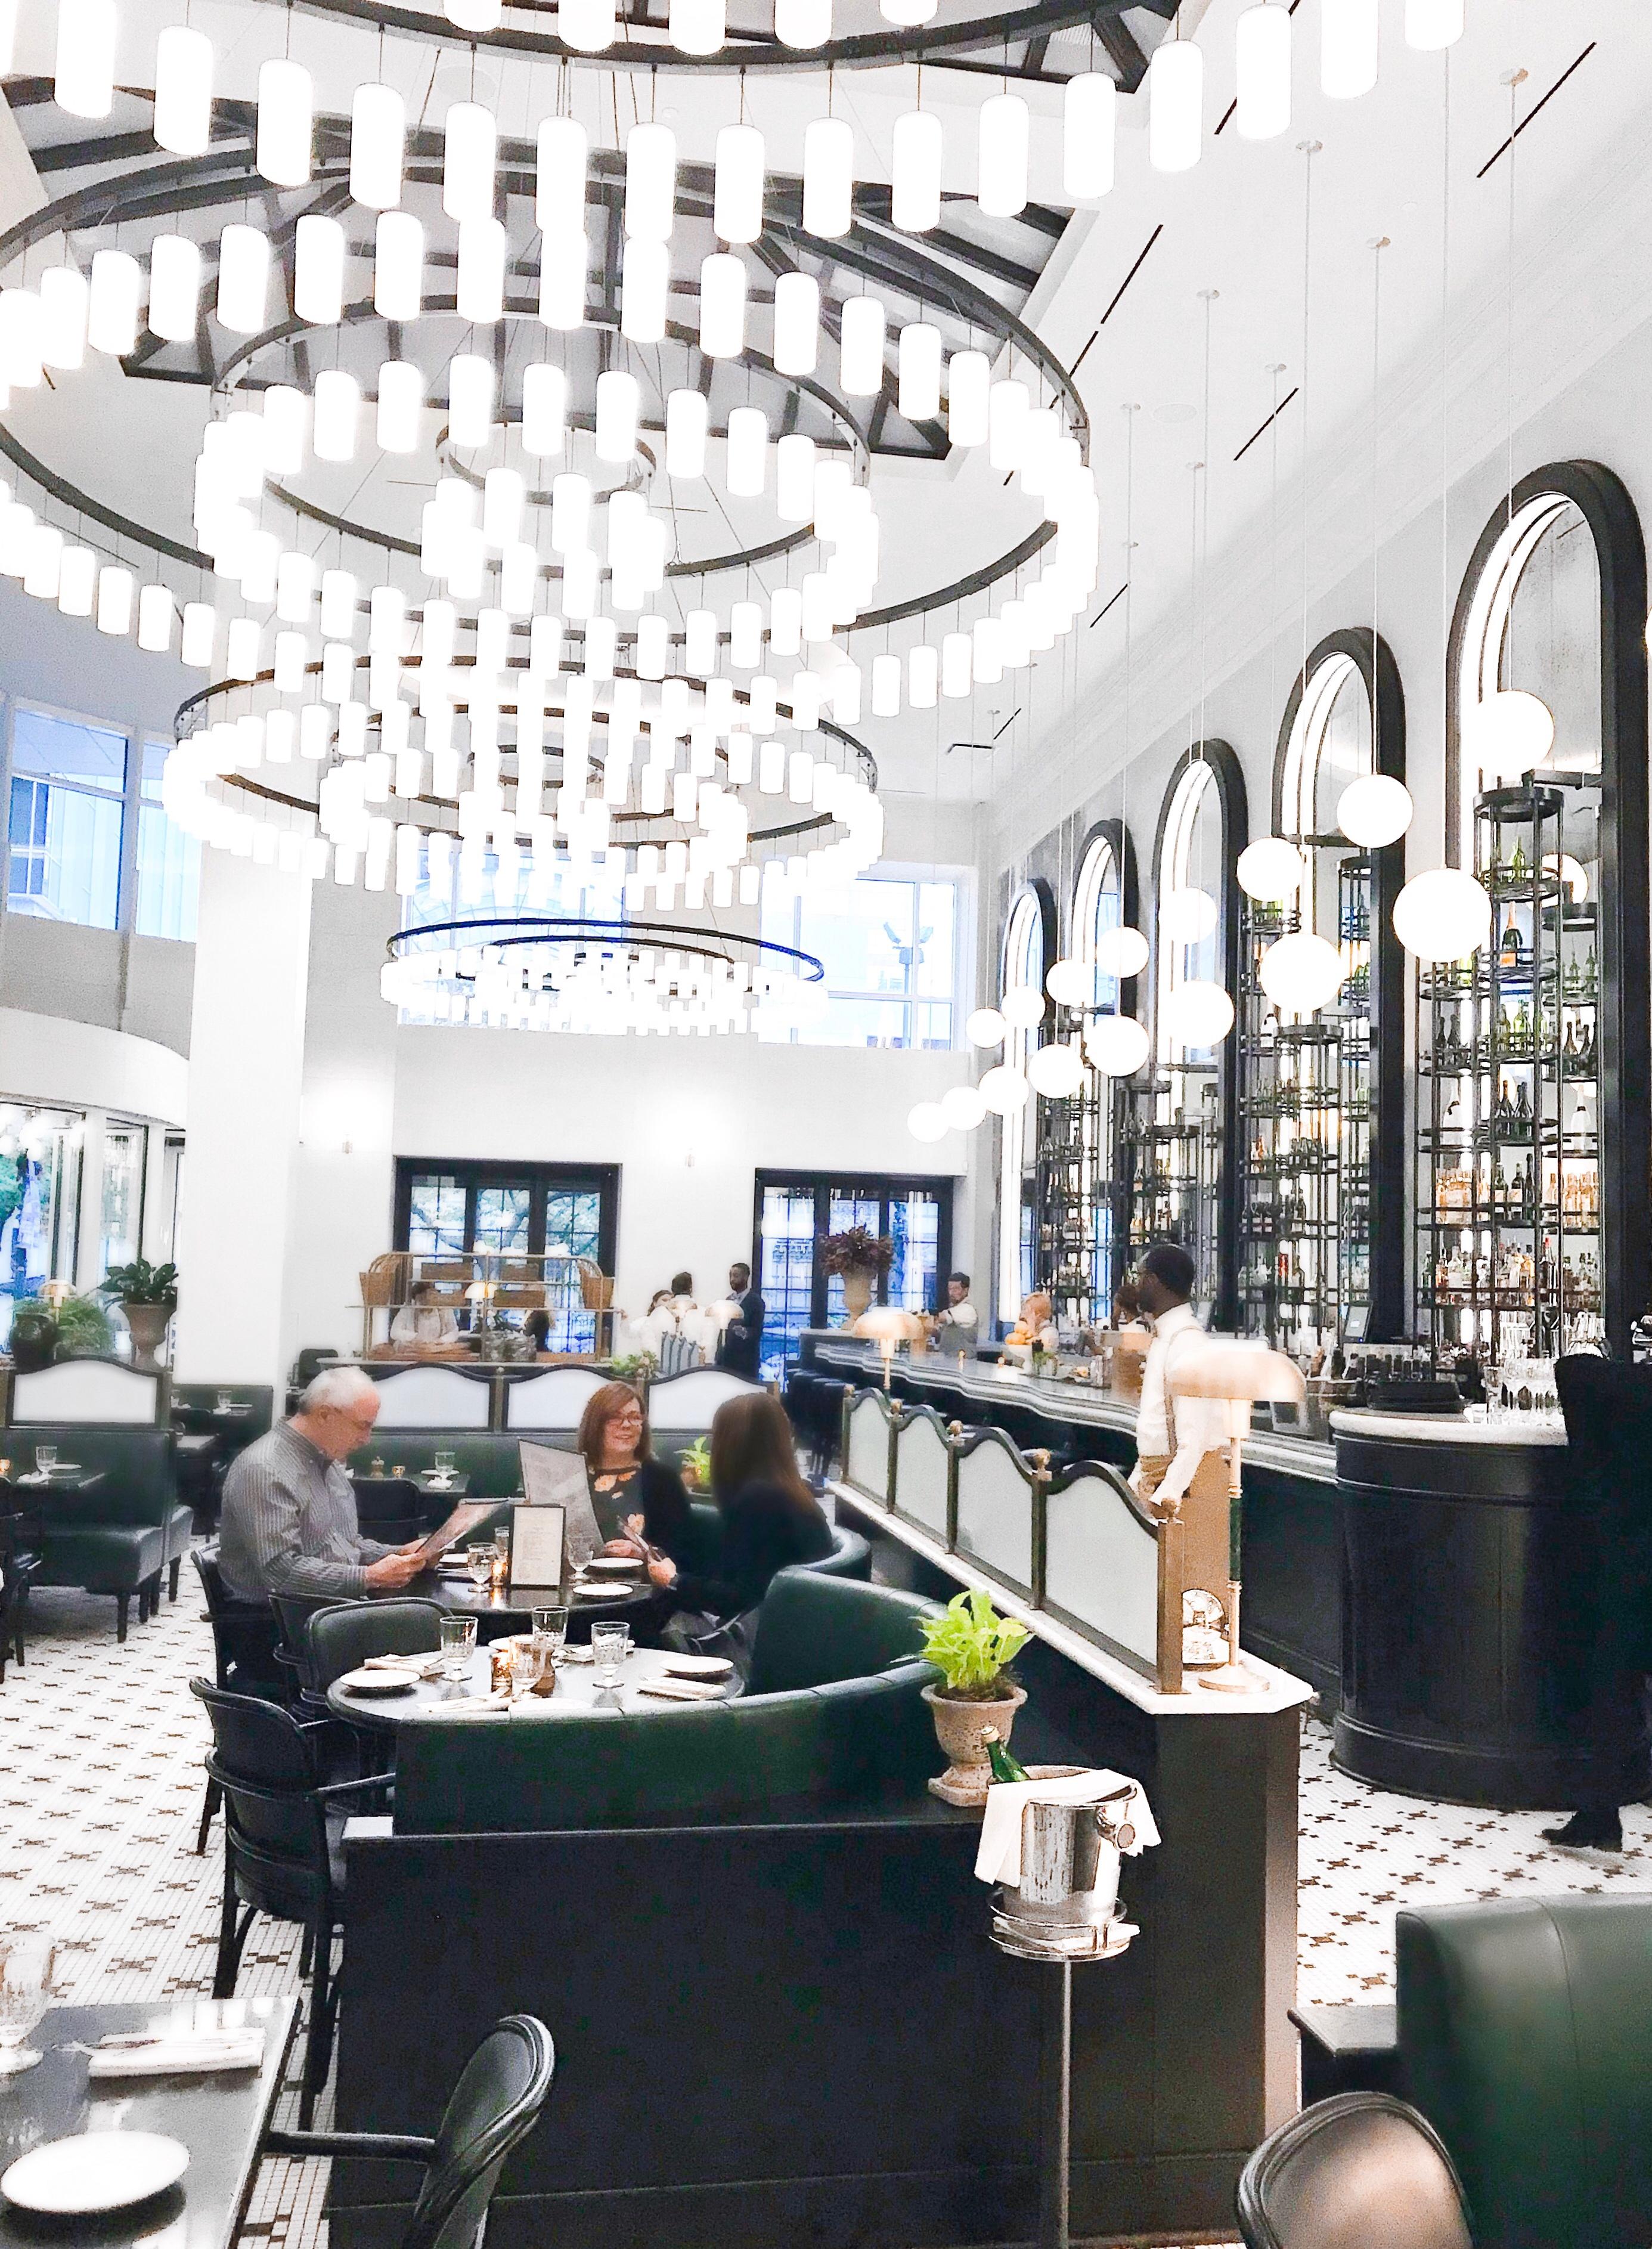 La Belle Helene Restaurant